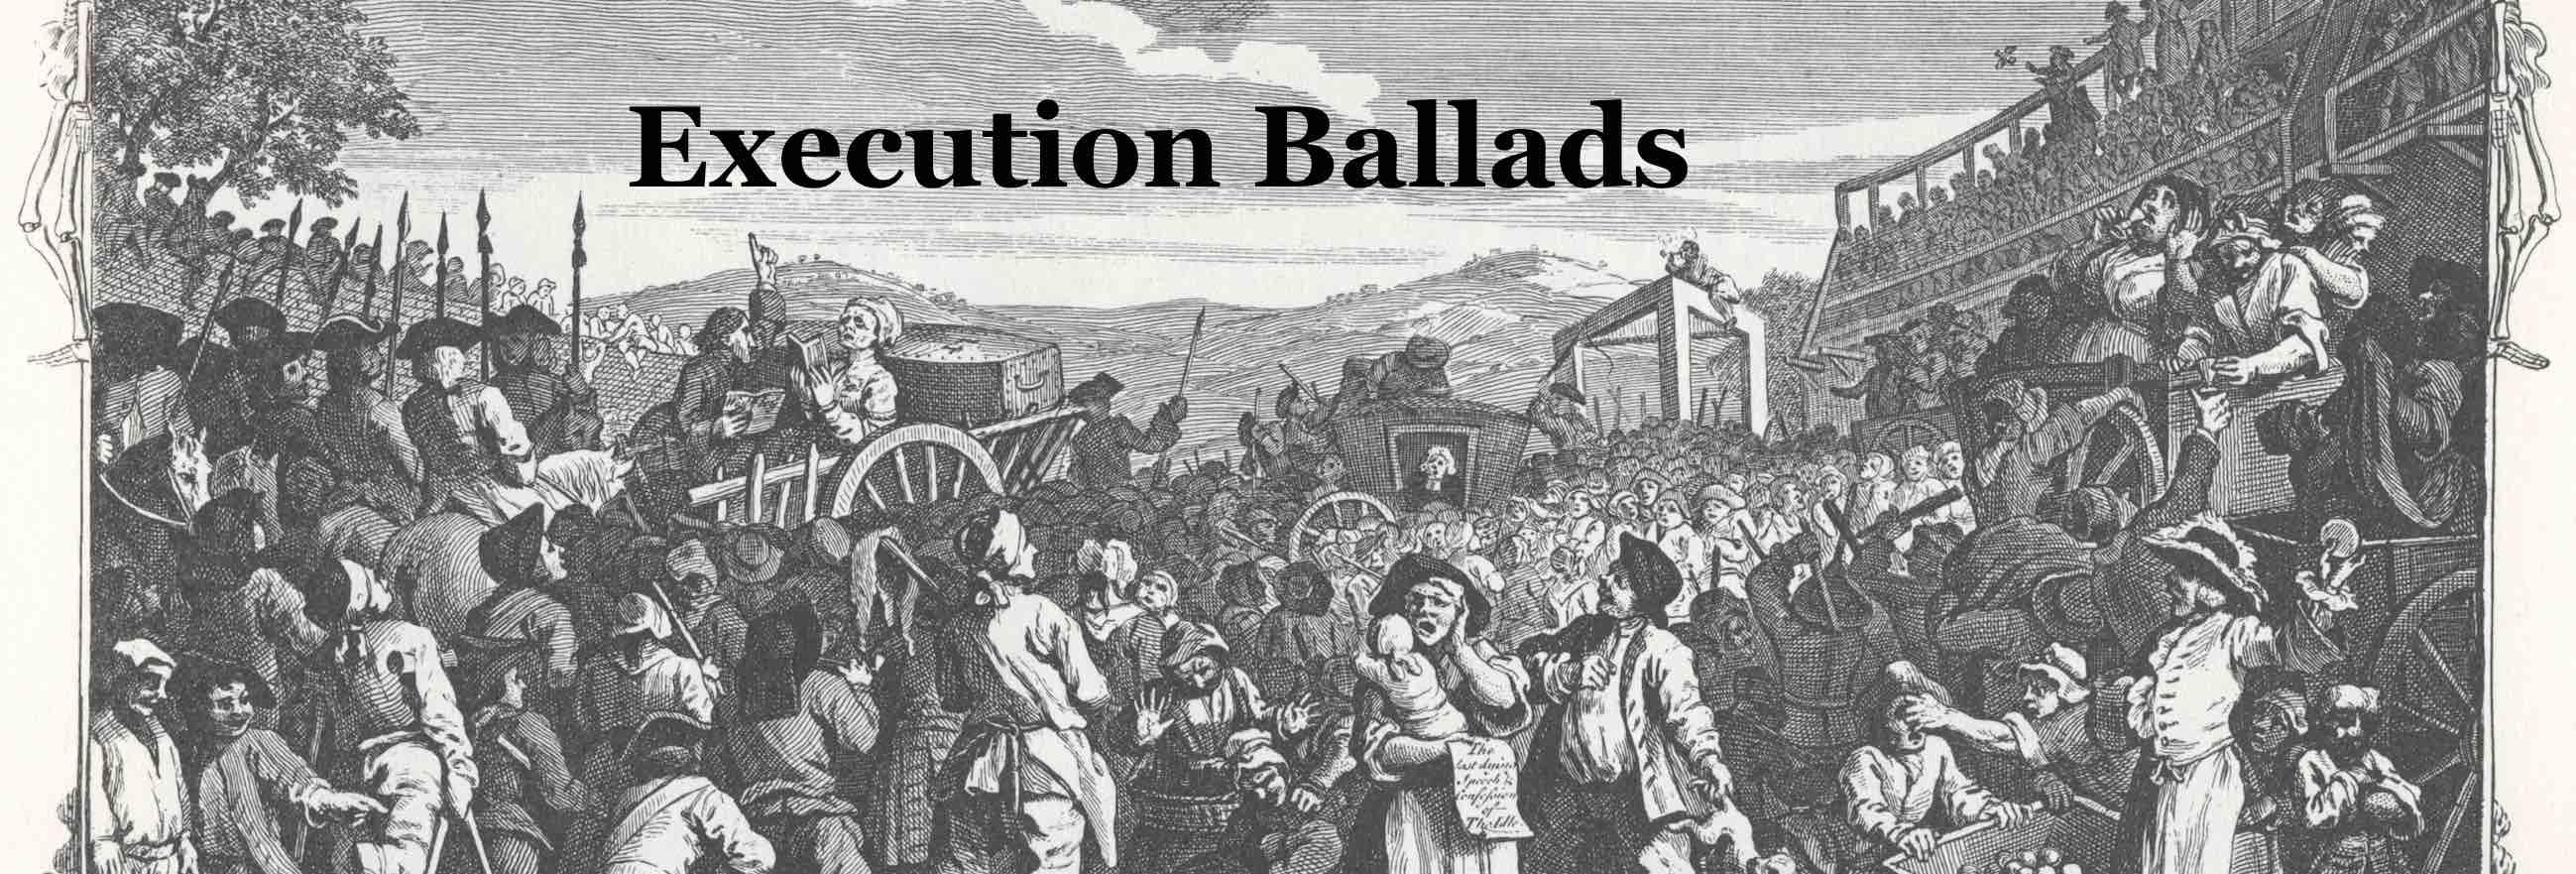 Execution Ballads